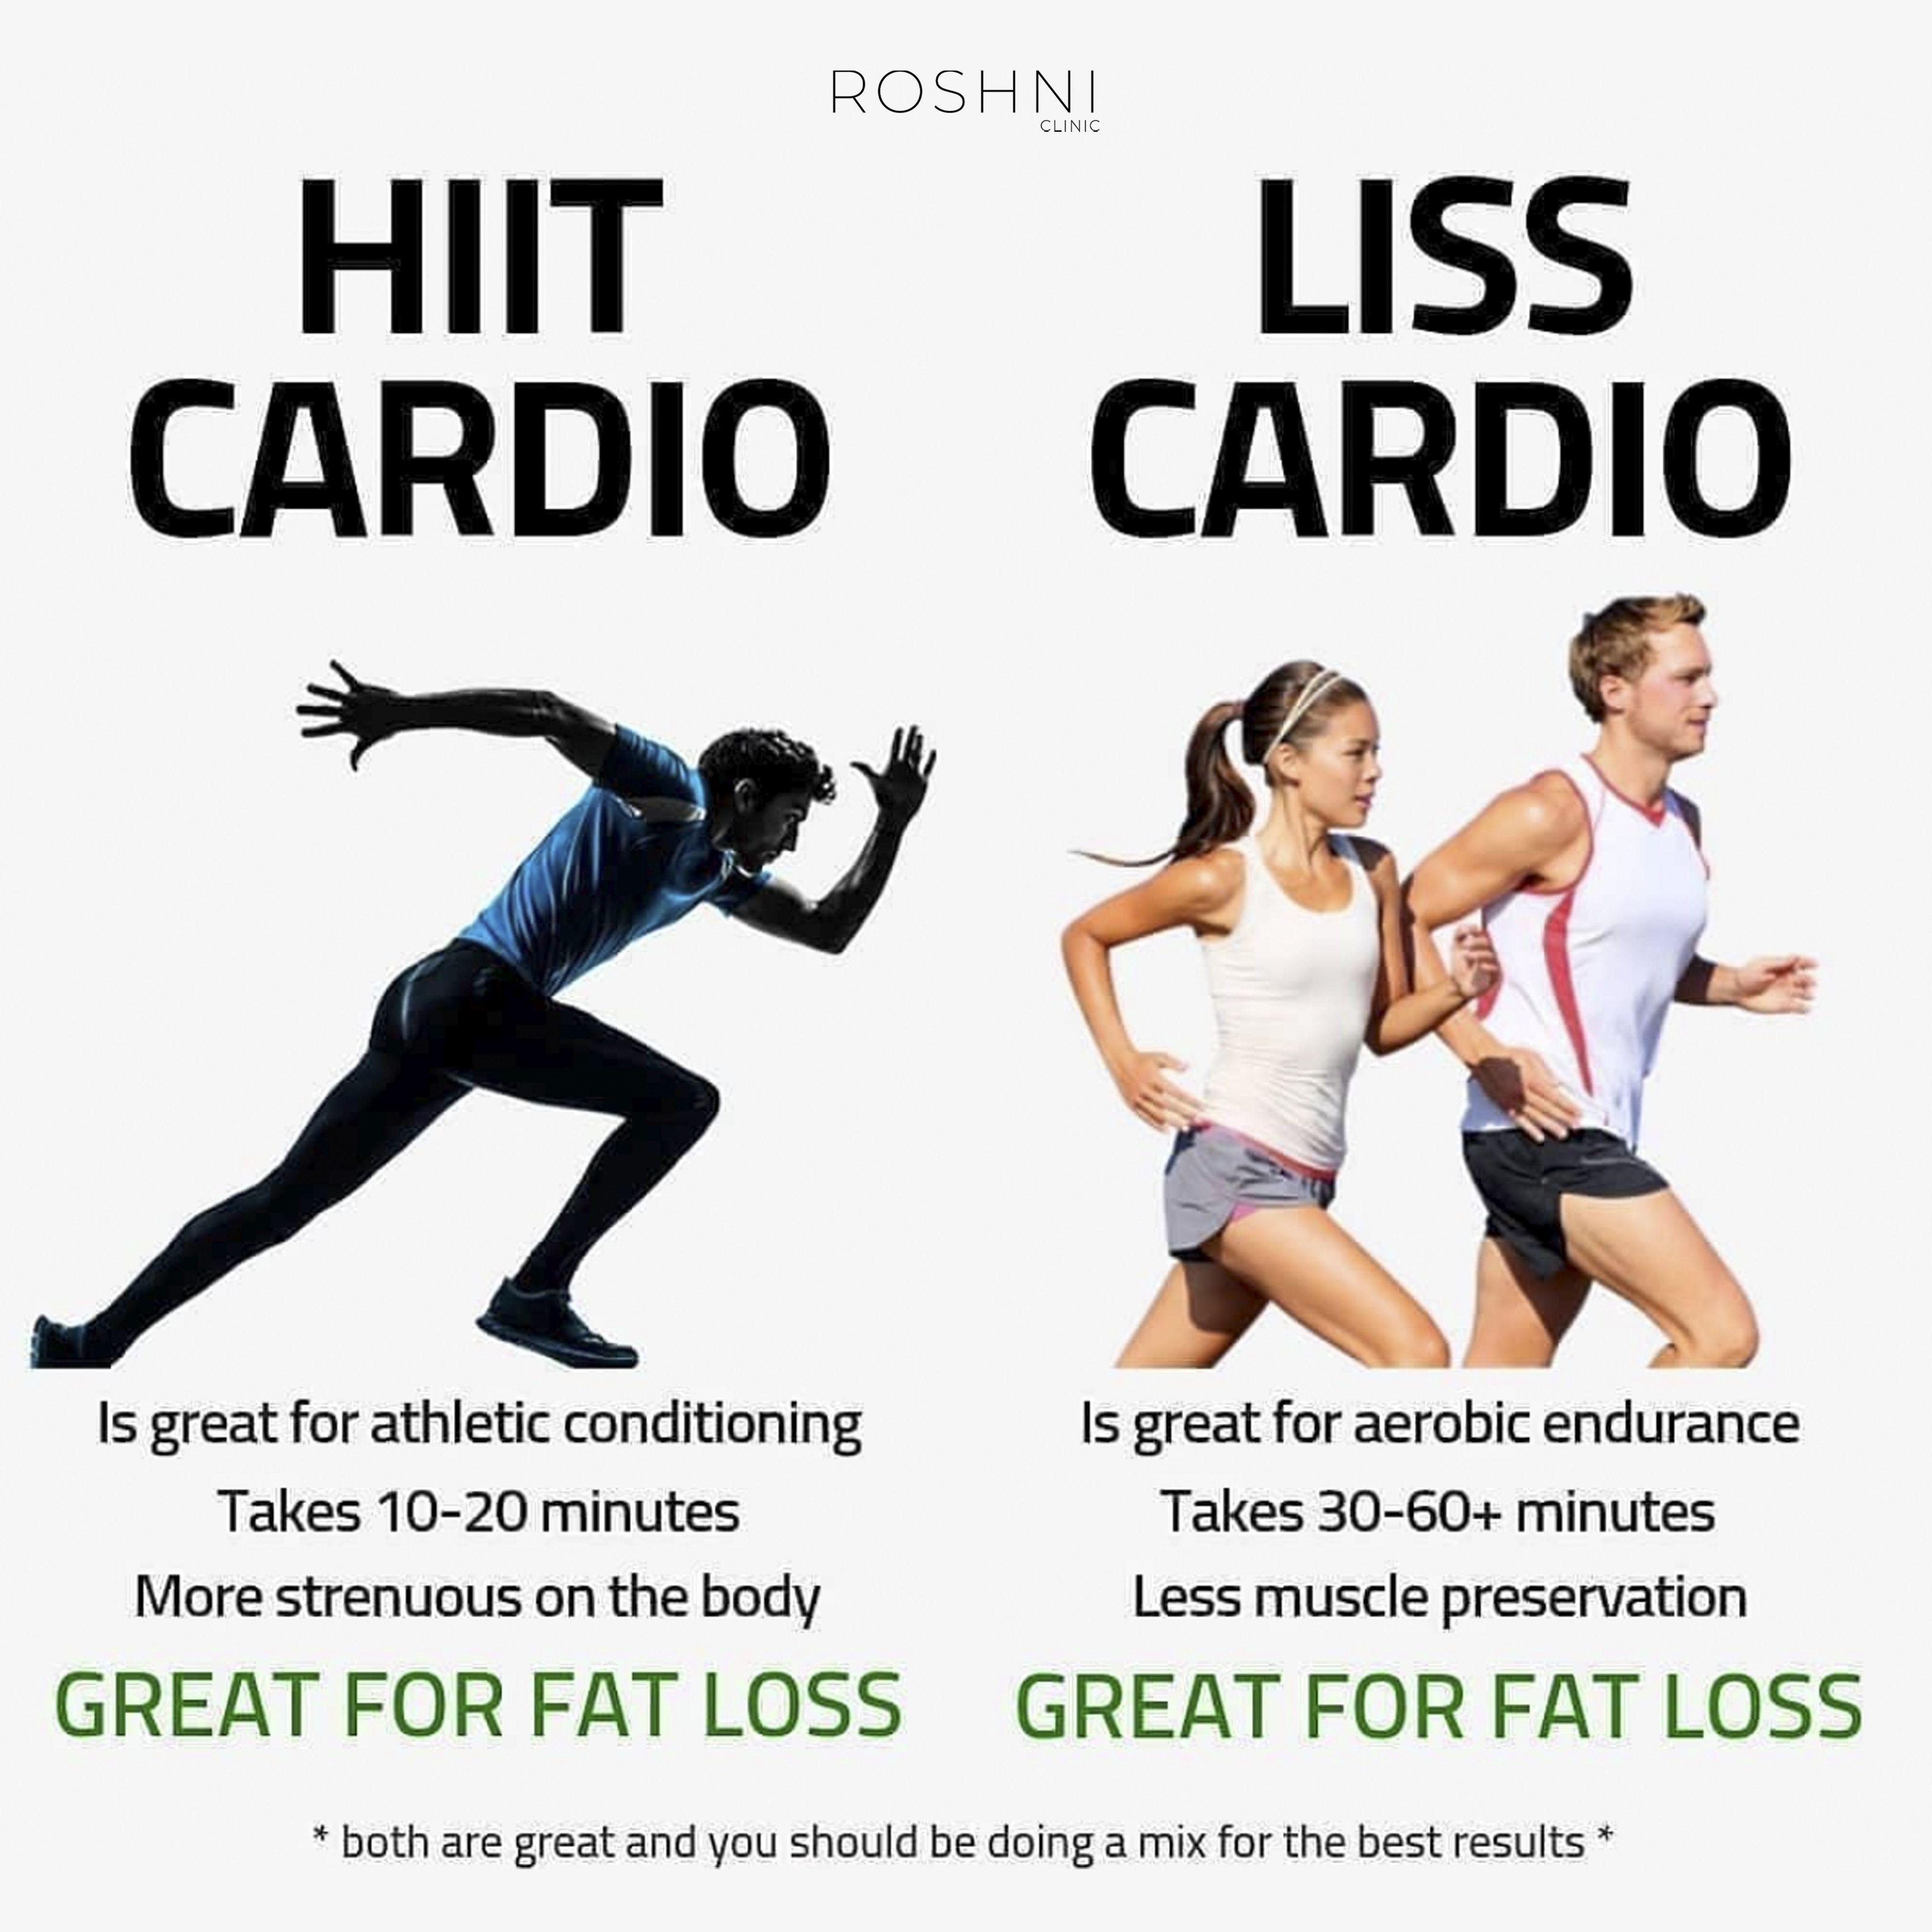 pierdere în greutate sănătoasă în timpul sarcinii ce este ceaiul de pierdere în greutate